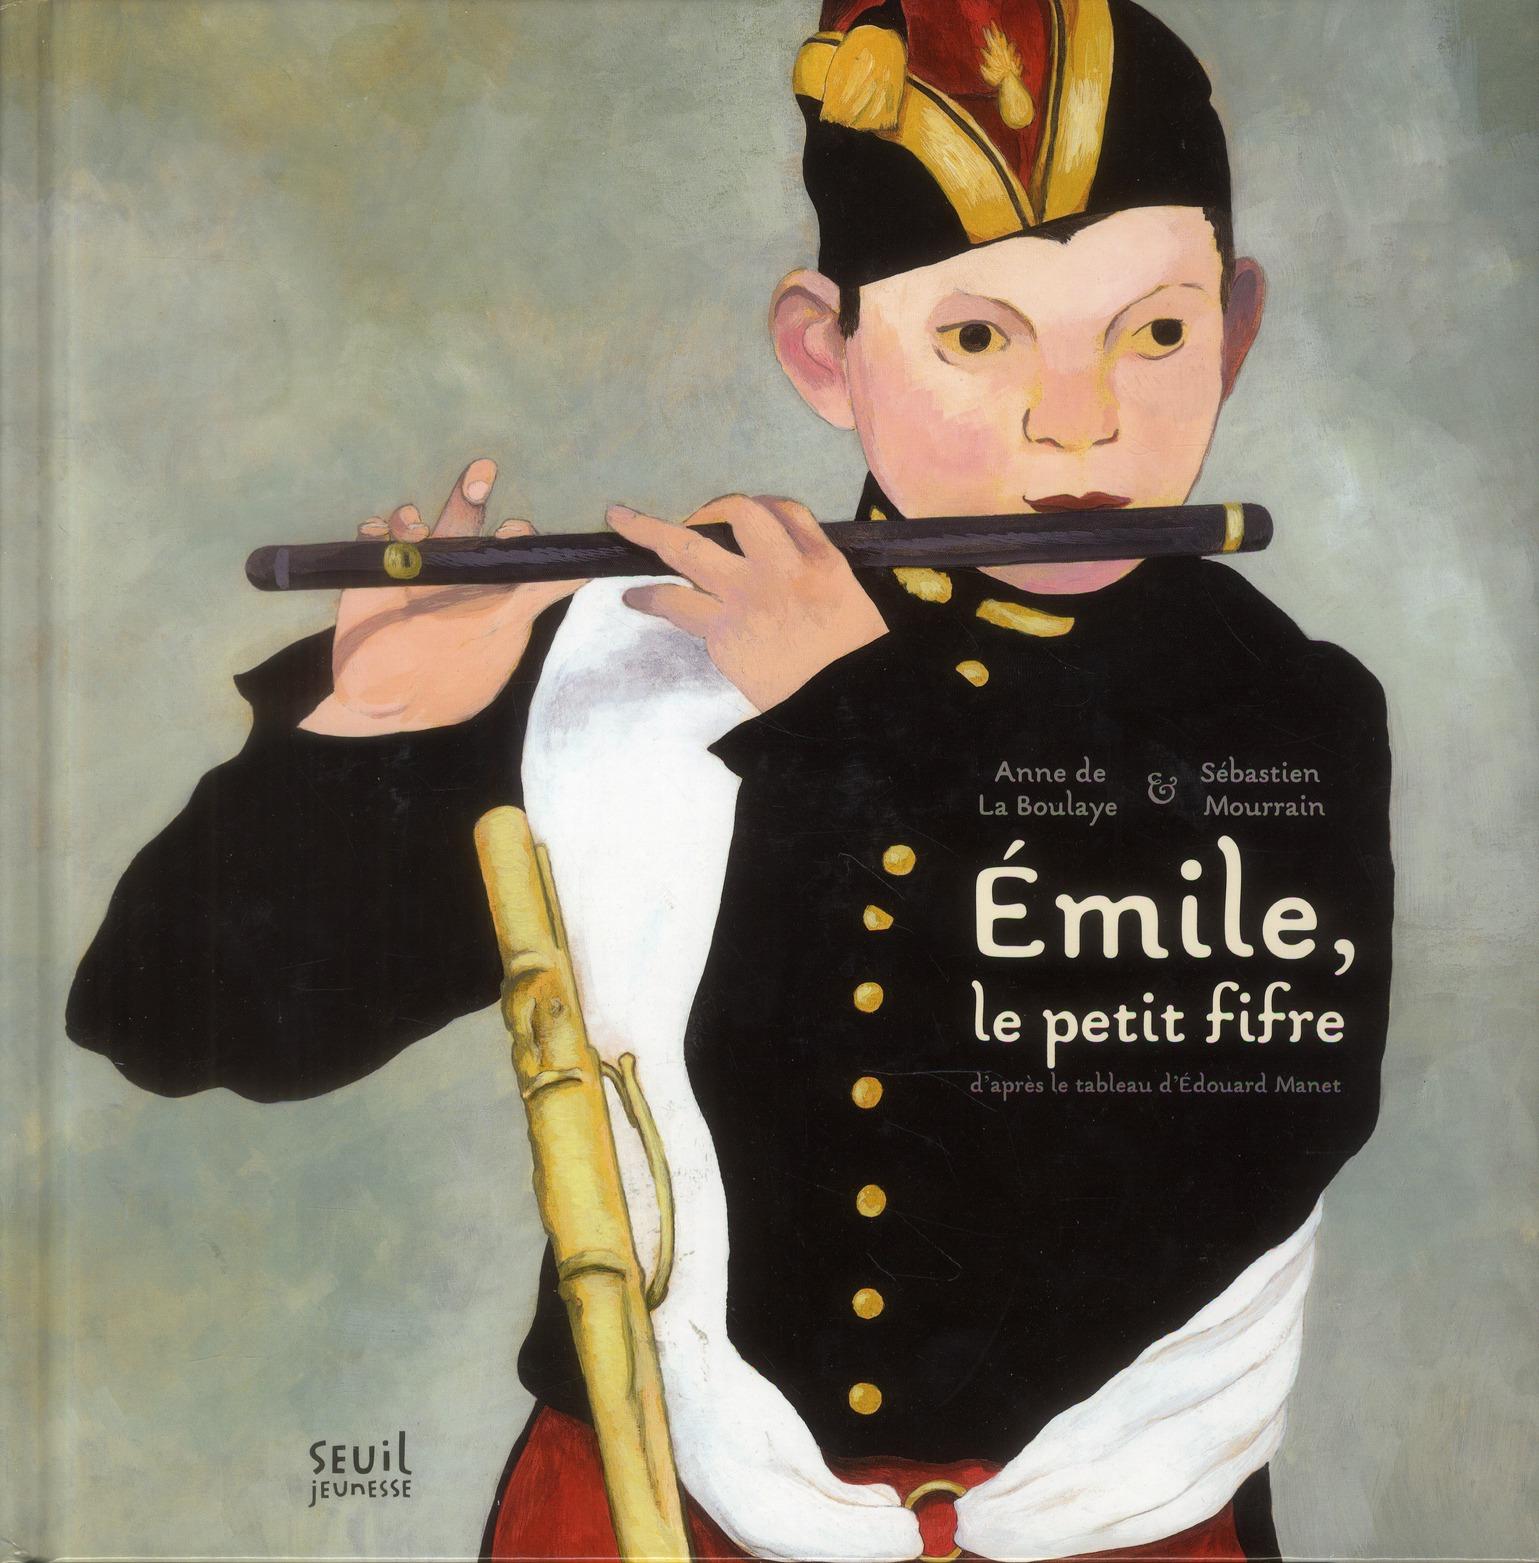 Emile, le petit fifre